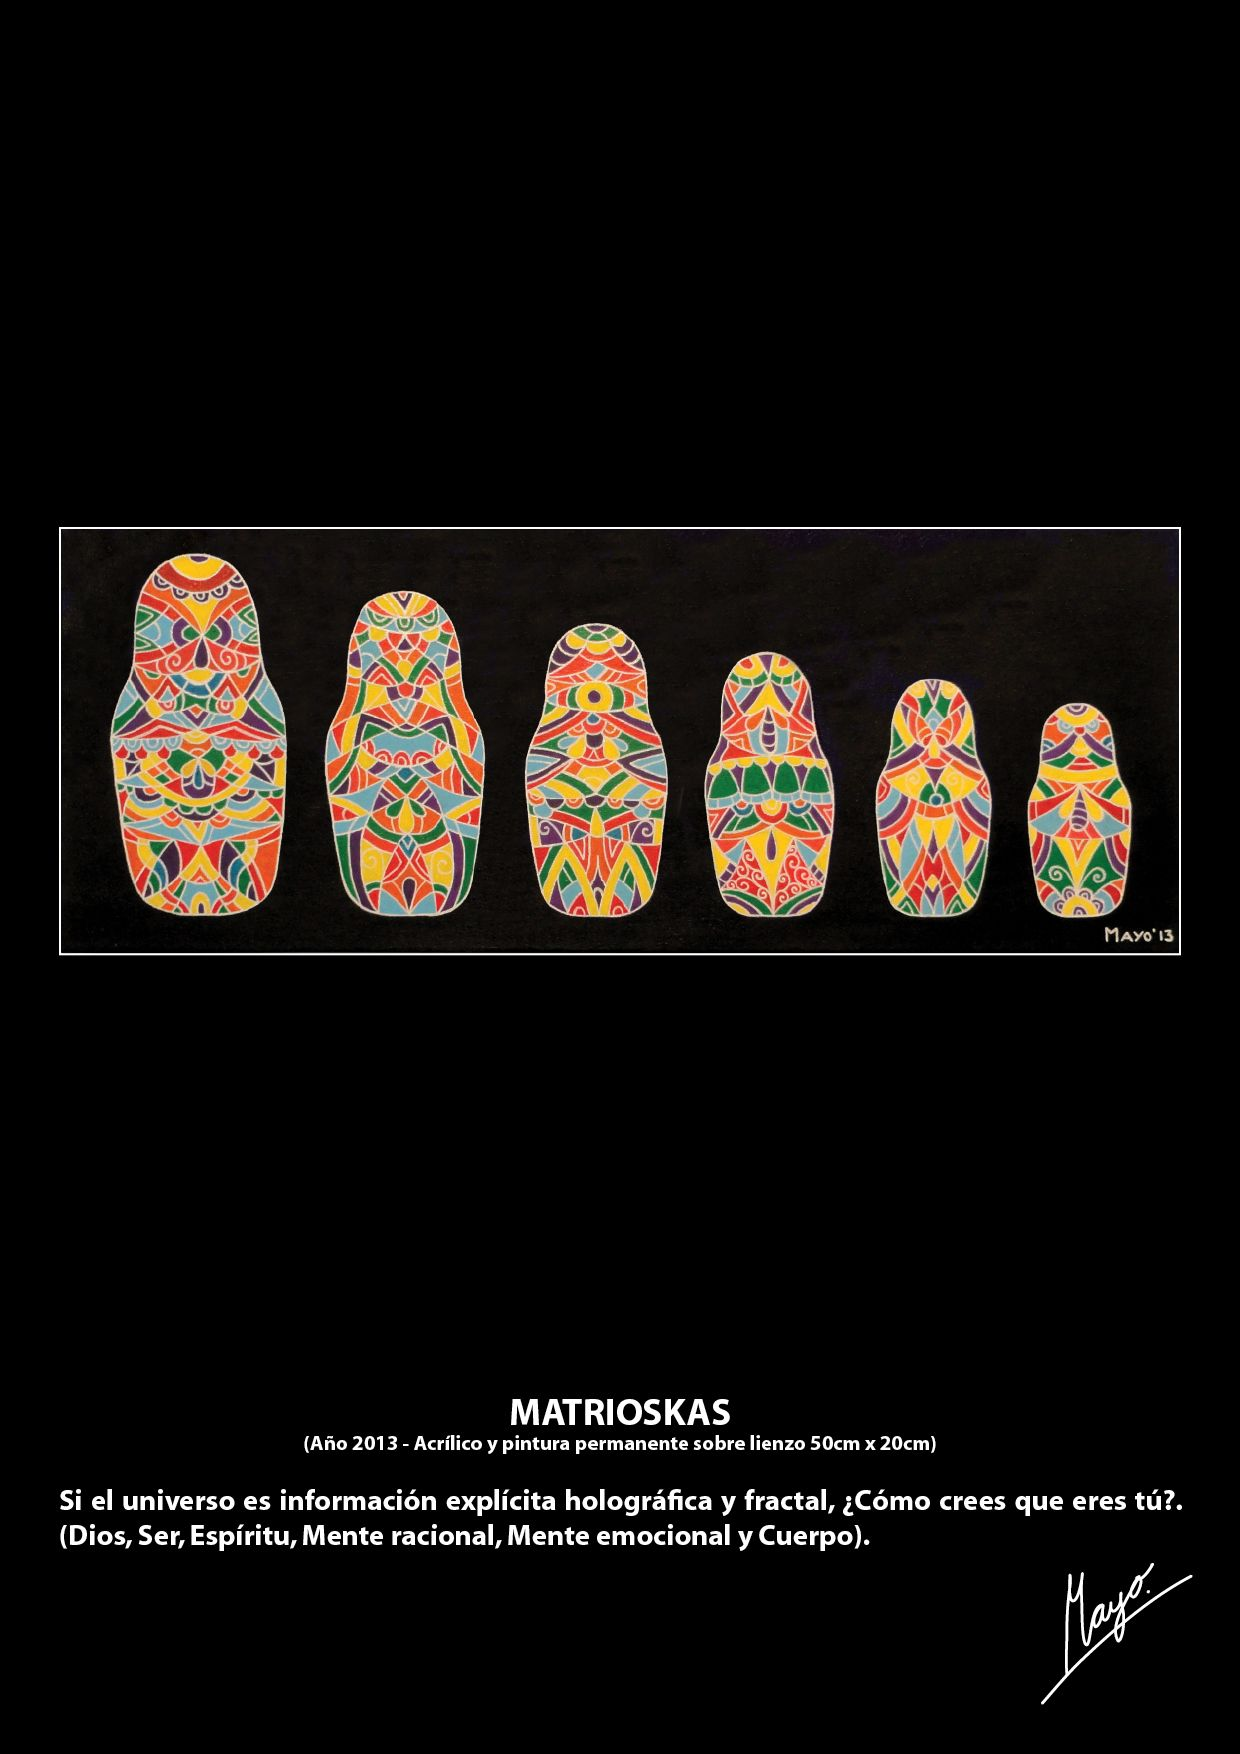 MATRIOSKAS (Año 2013 - Acrílico y pintura permanente sobre lienzo 50cm x 20cm) Si el universo es información explícita holográfica y fractal, ¿Cómo crees que eres tú?. (Dios, Ser, Espíritu, Mente racional, Mente emocional y Cuerpo).